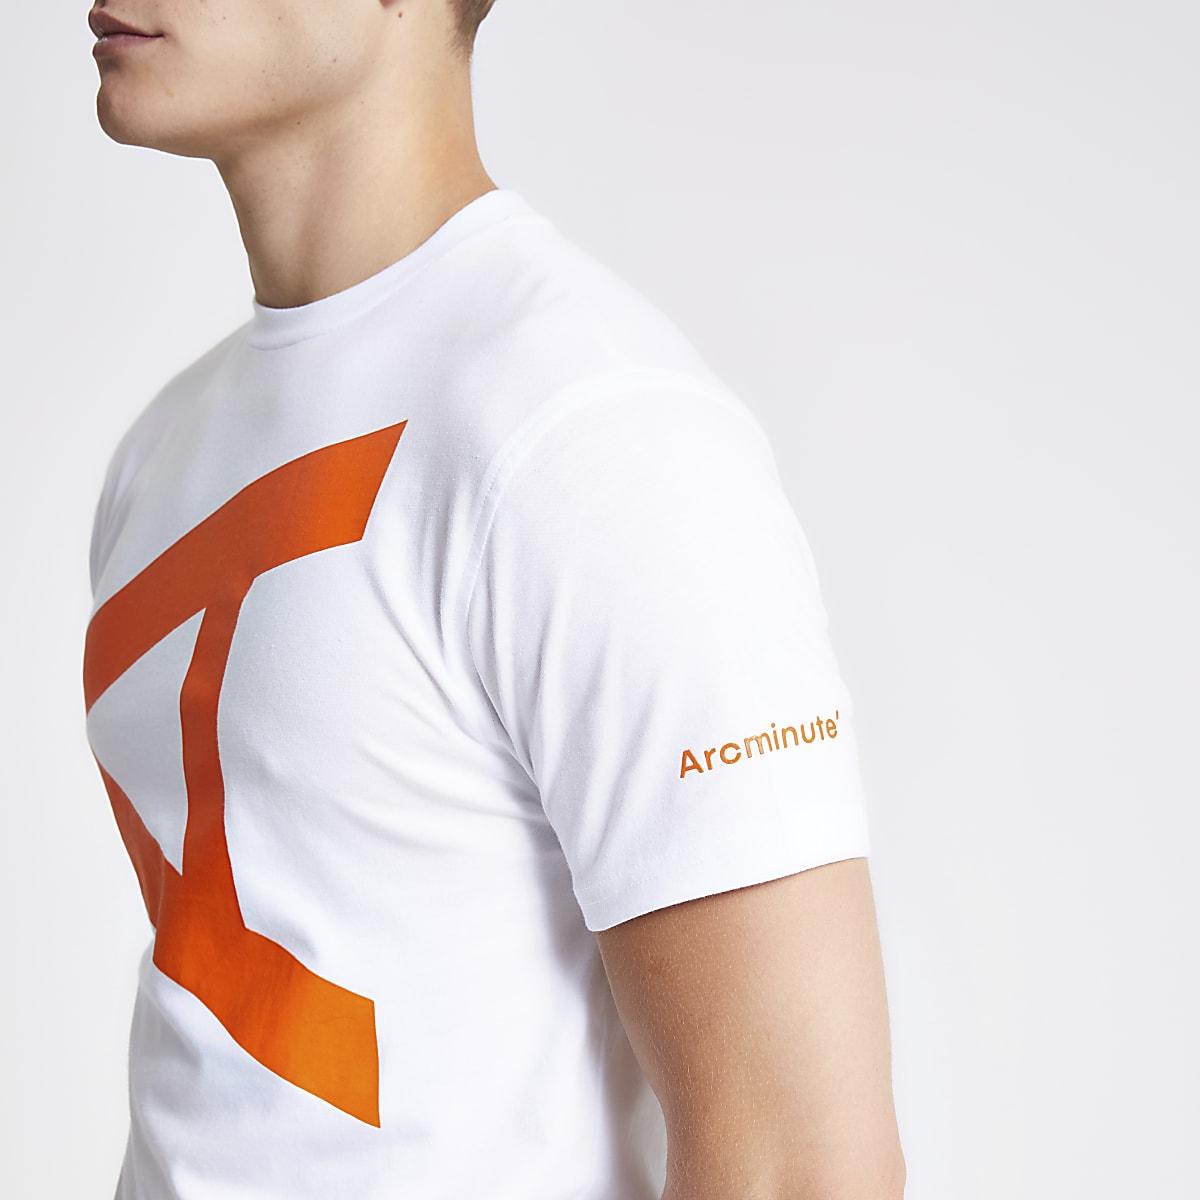 Arcminute – Weißes, bedrucktes T-Shirt